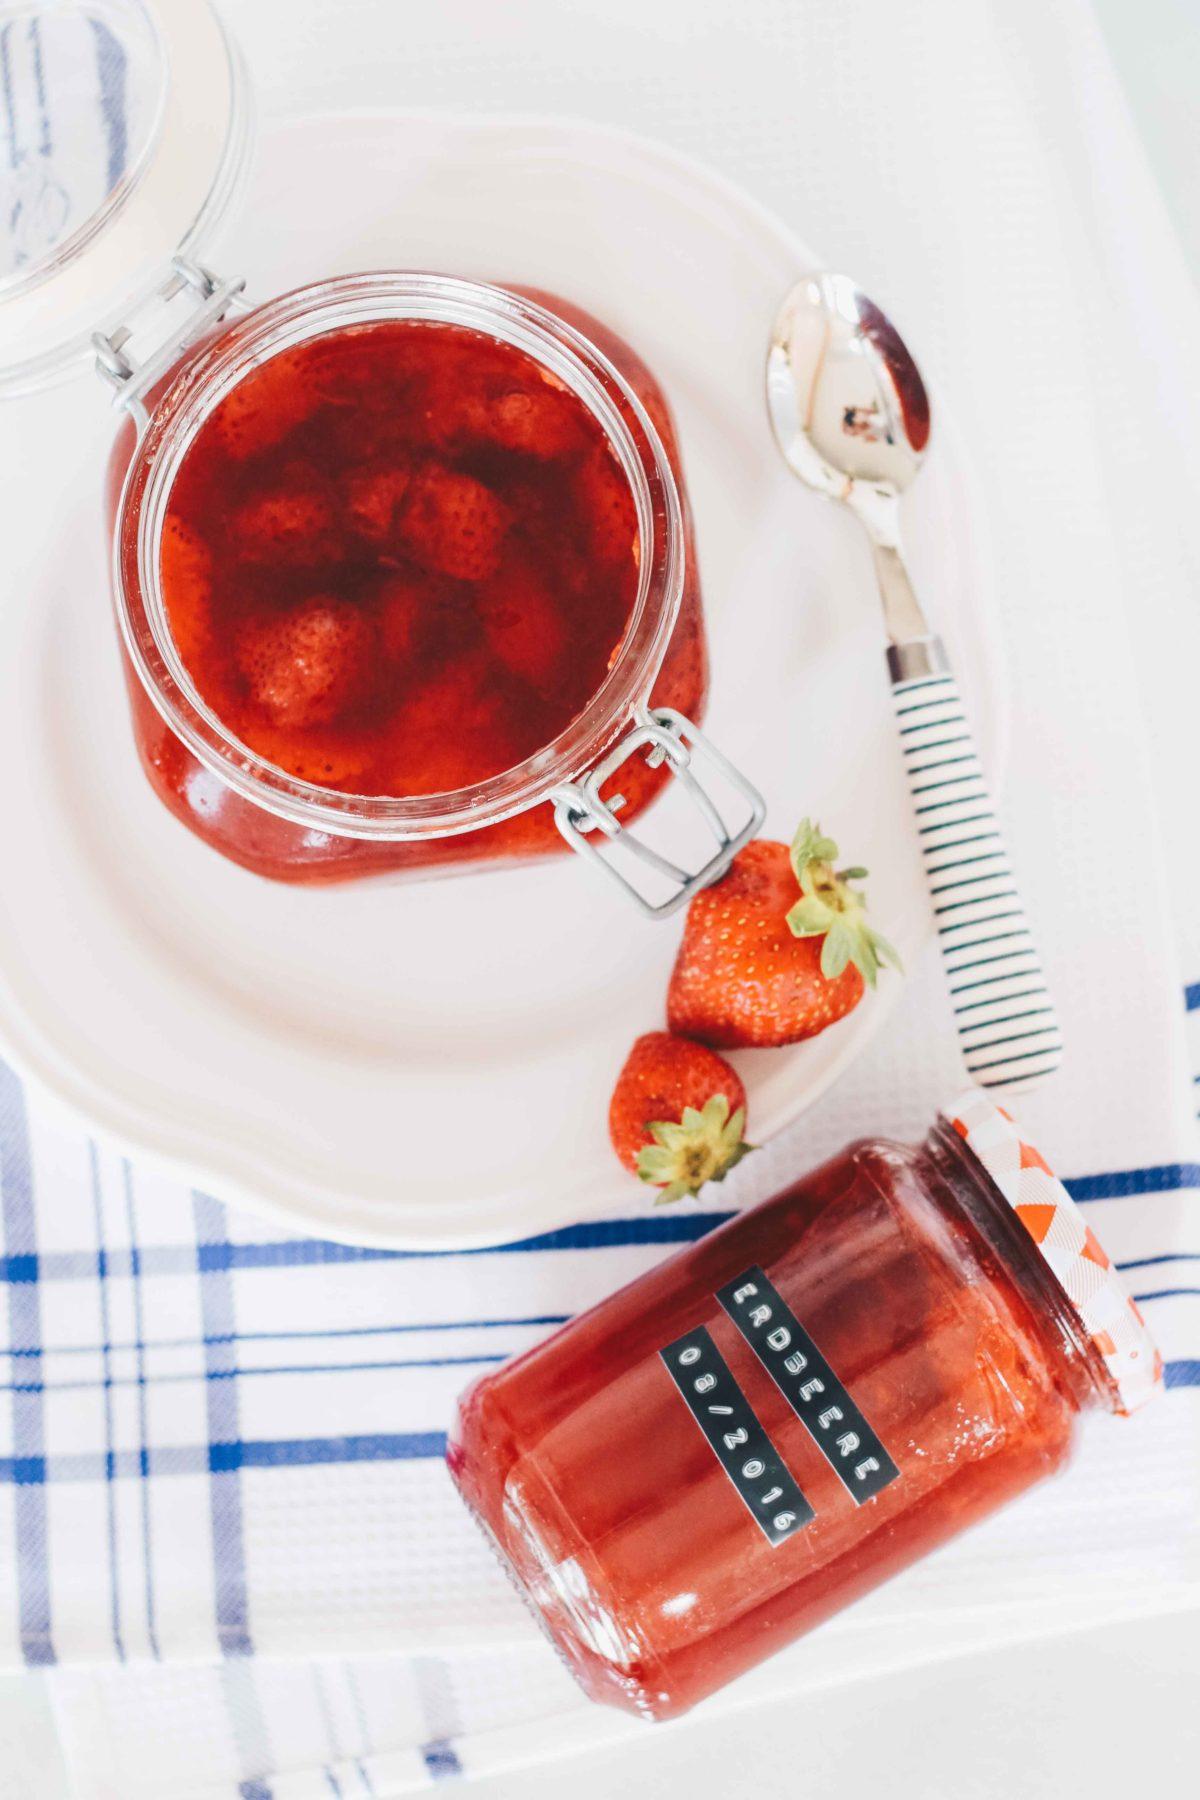 vanillaholica-vegane-erdbeermarmelade-vegane-marmelade-jpg-3